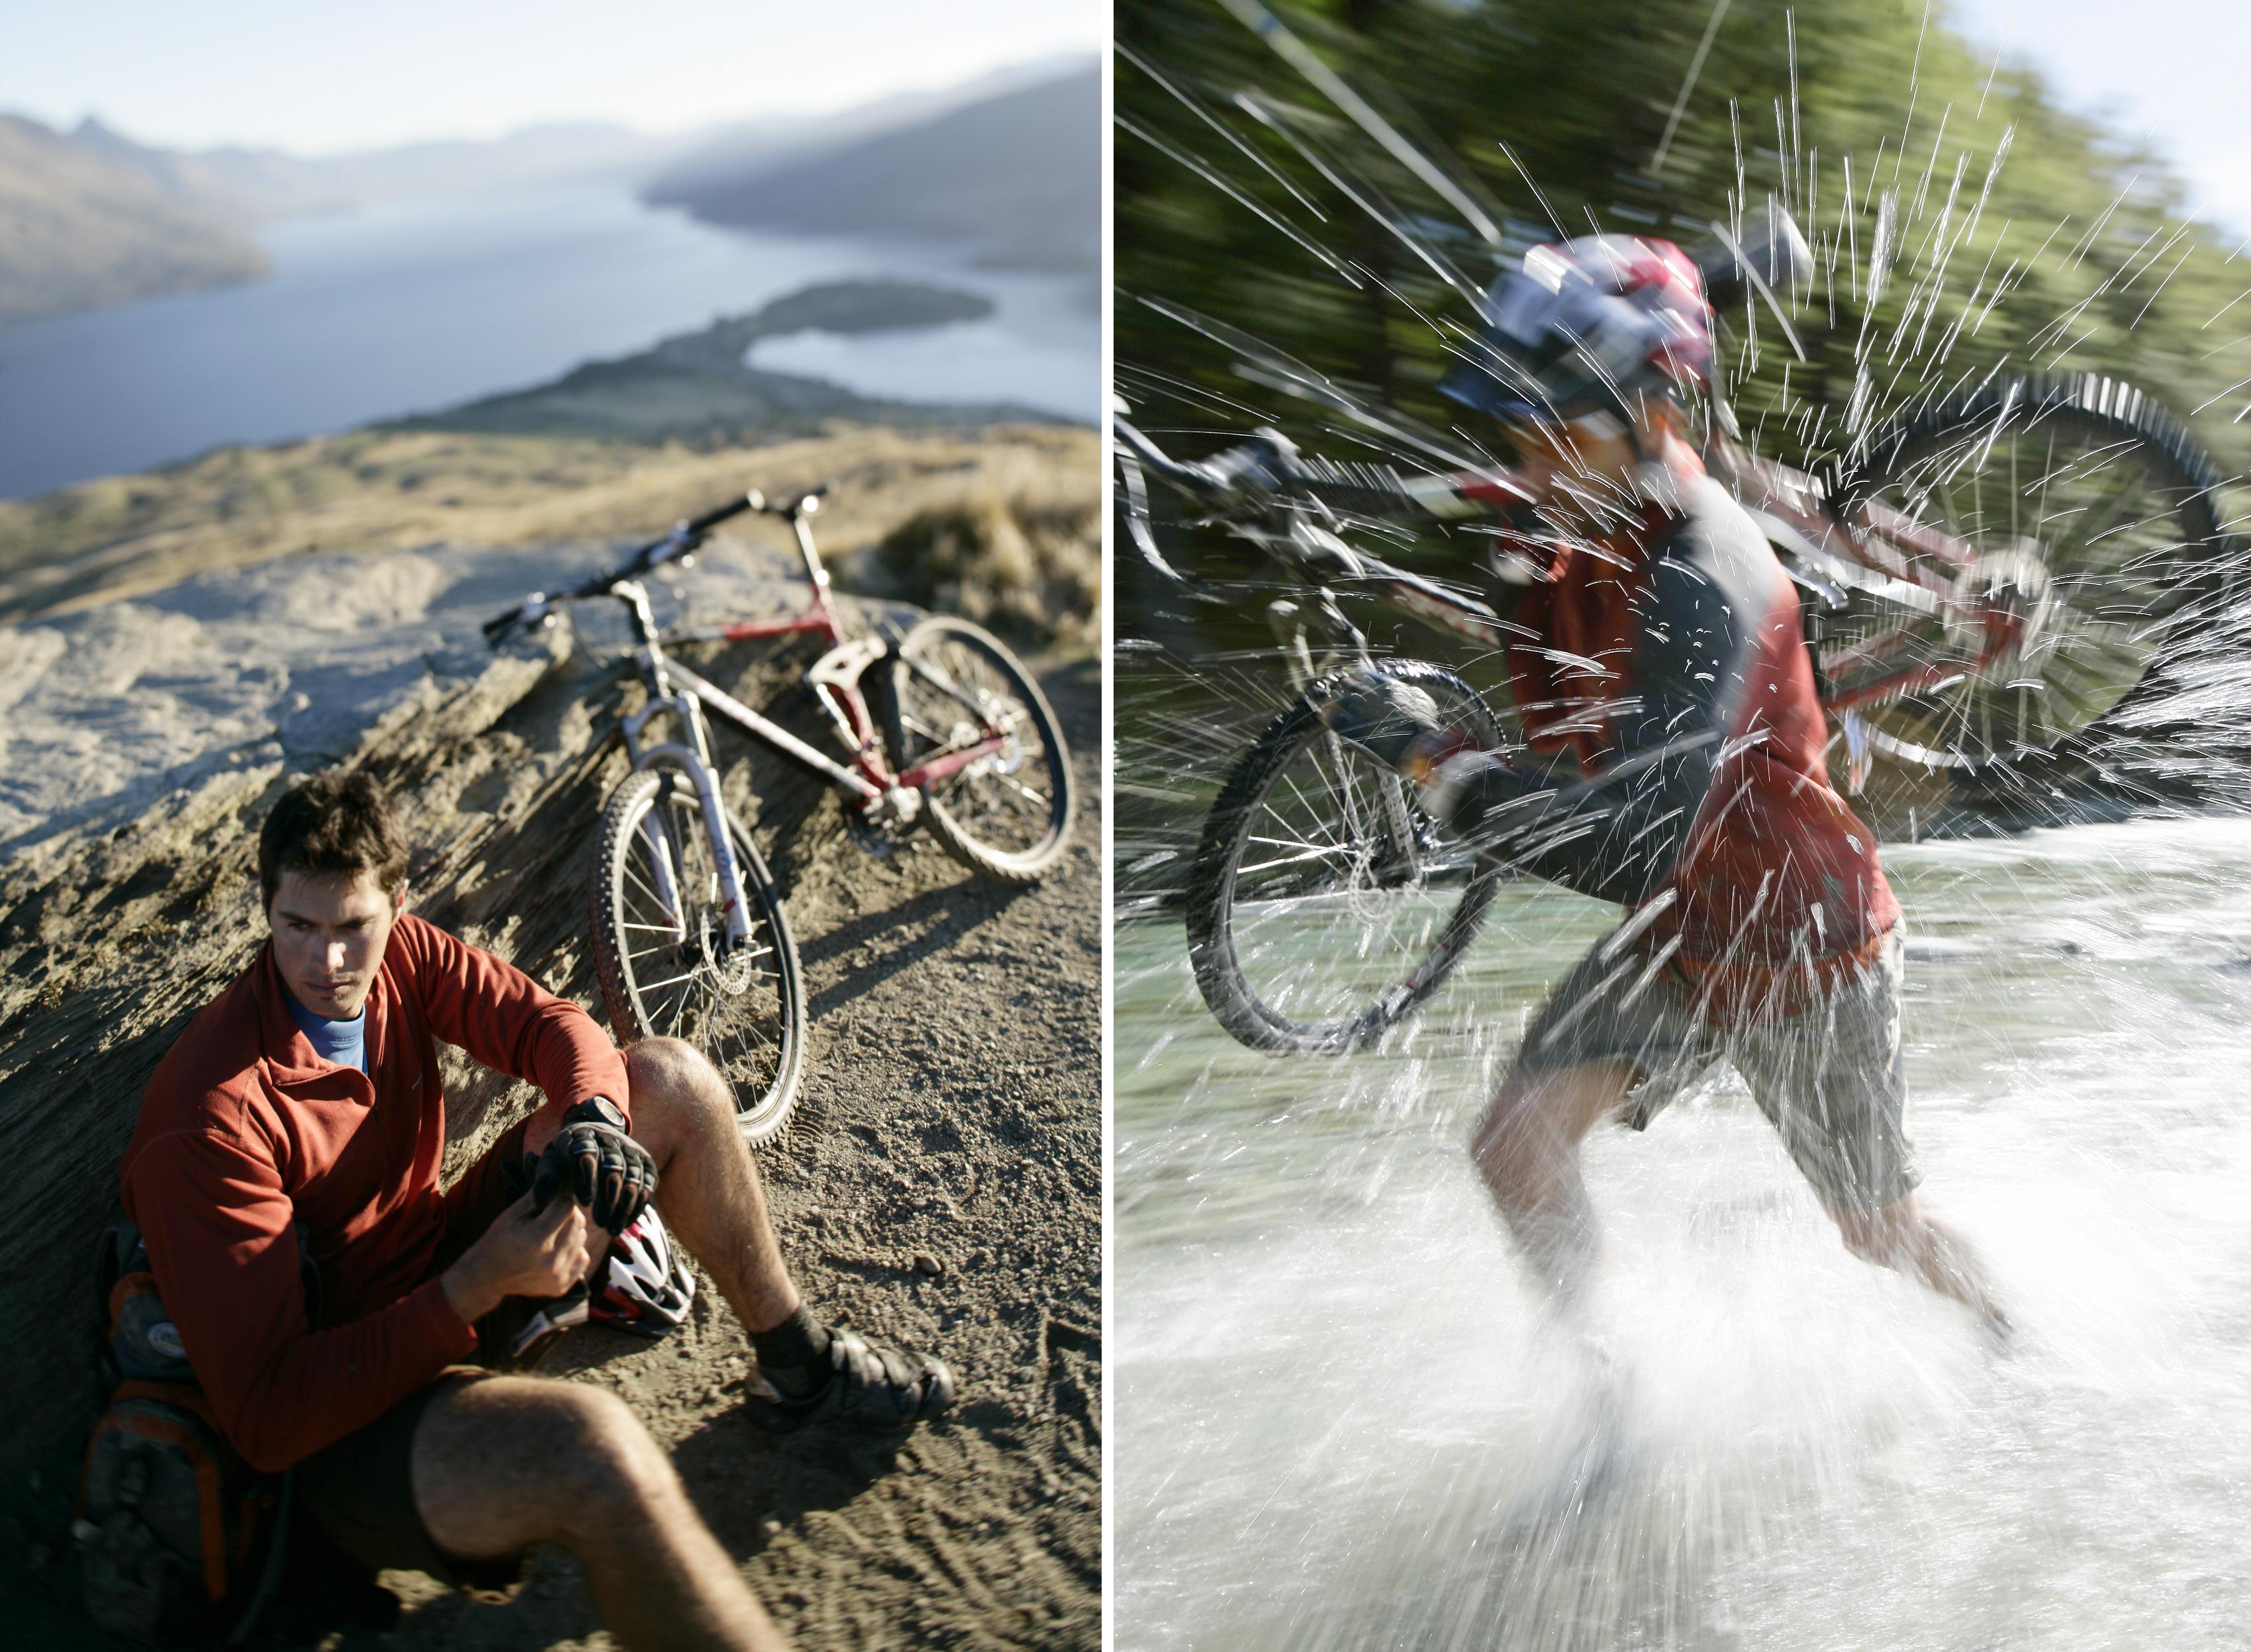 Mtn bike 2